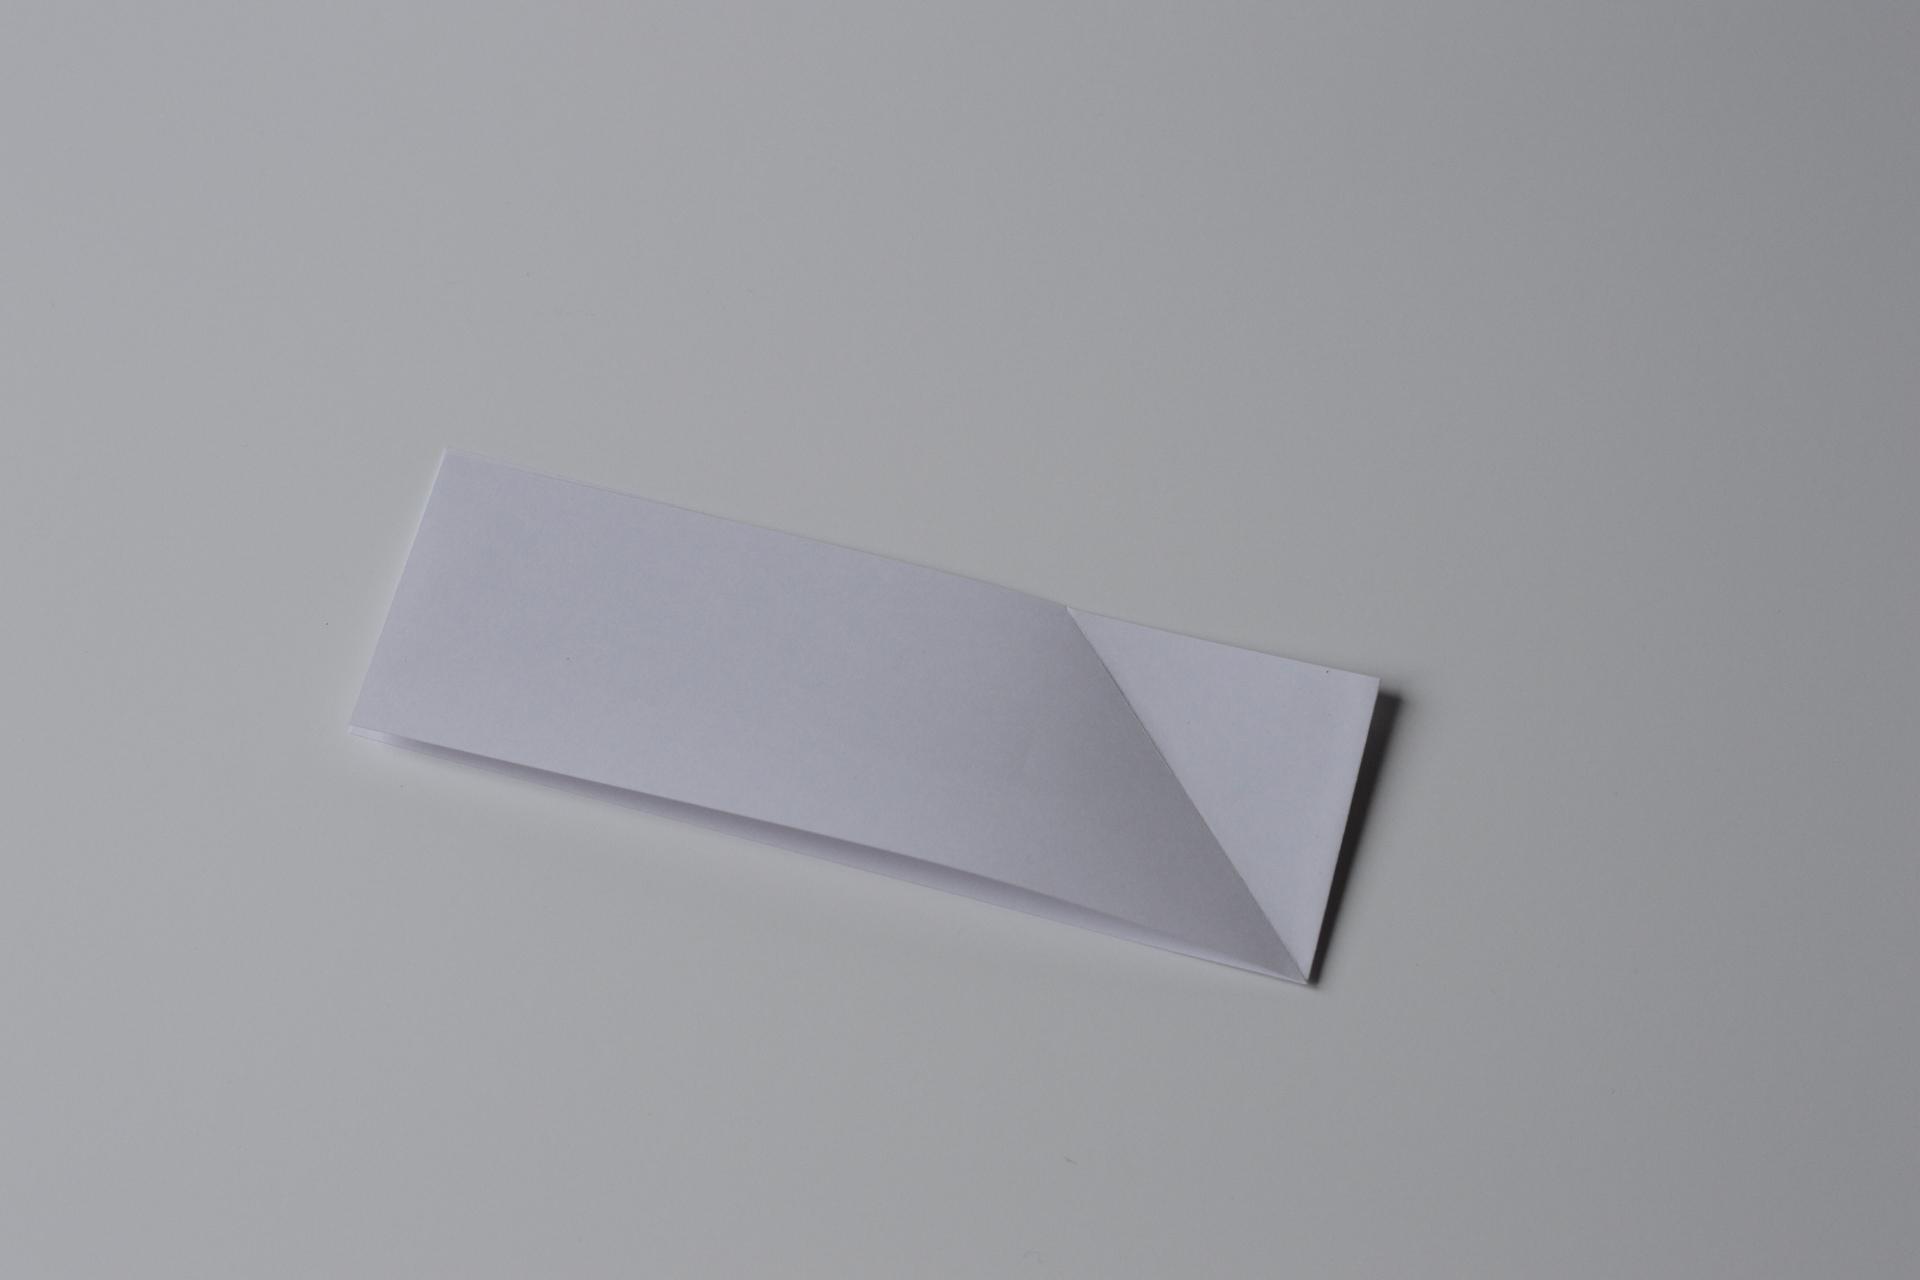 Pop fermé avec un pli en diagonal